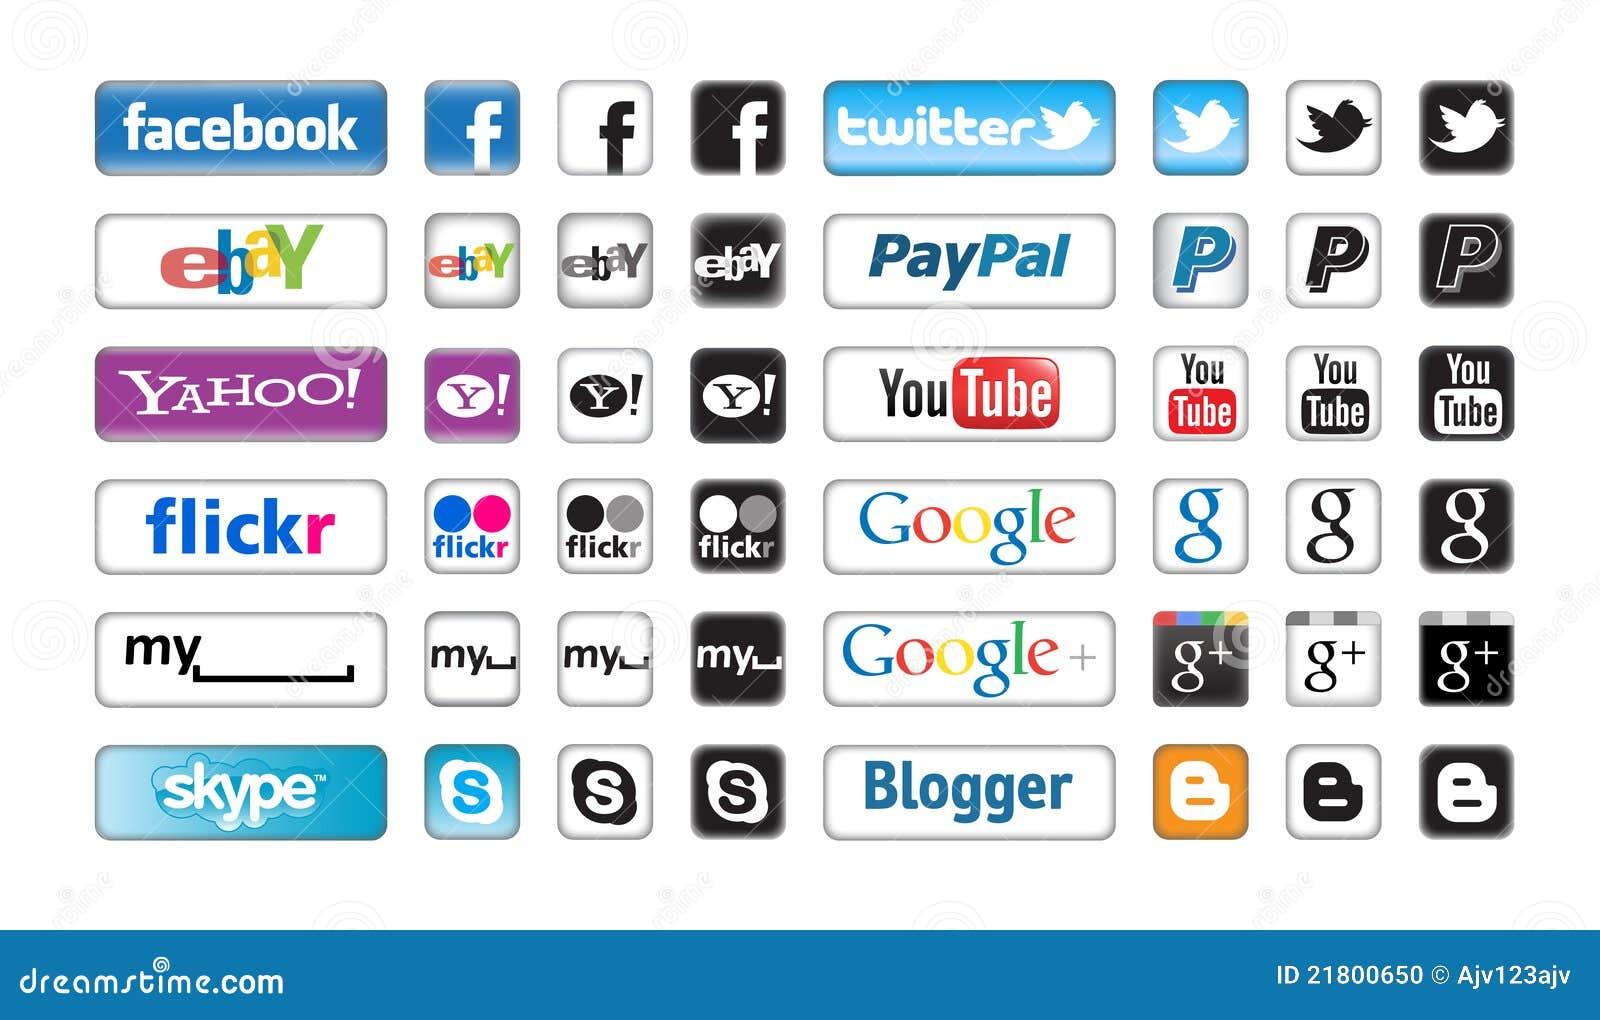 Apps按钮网络连接社交